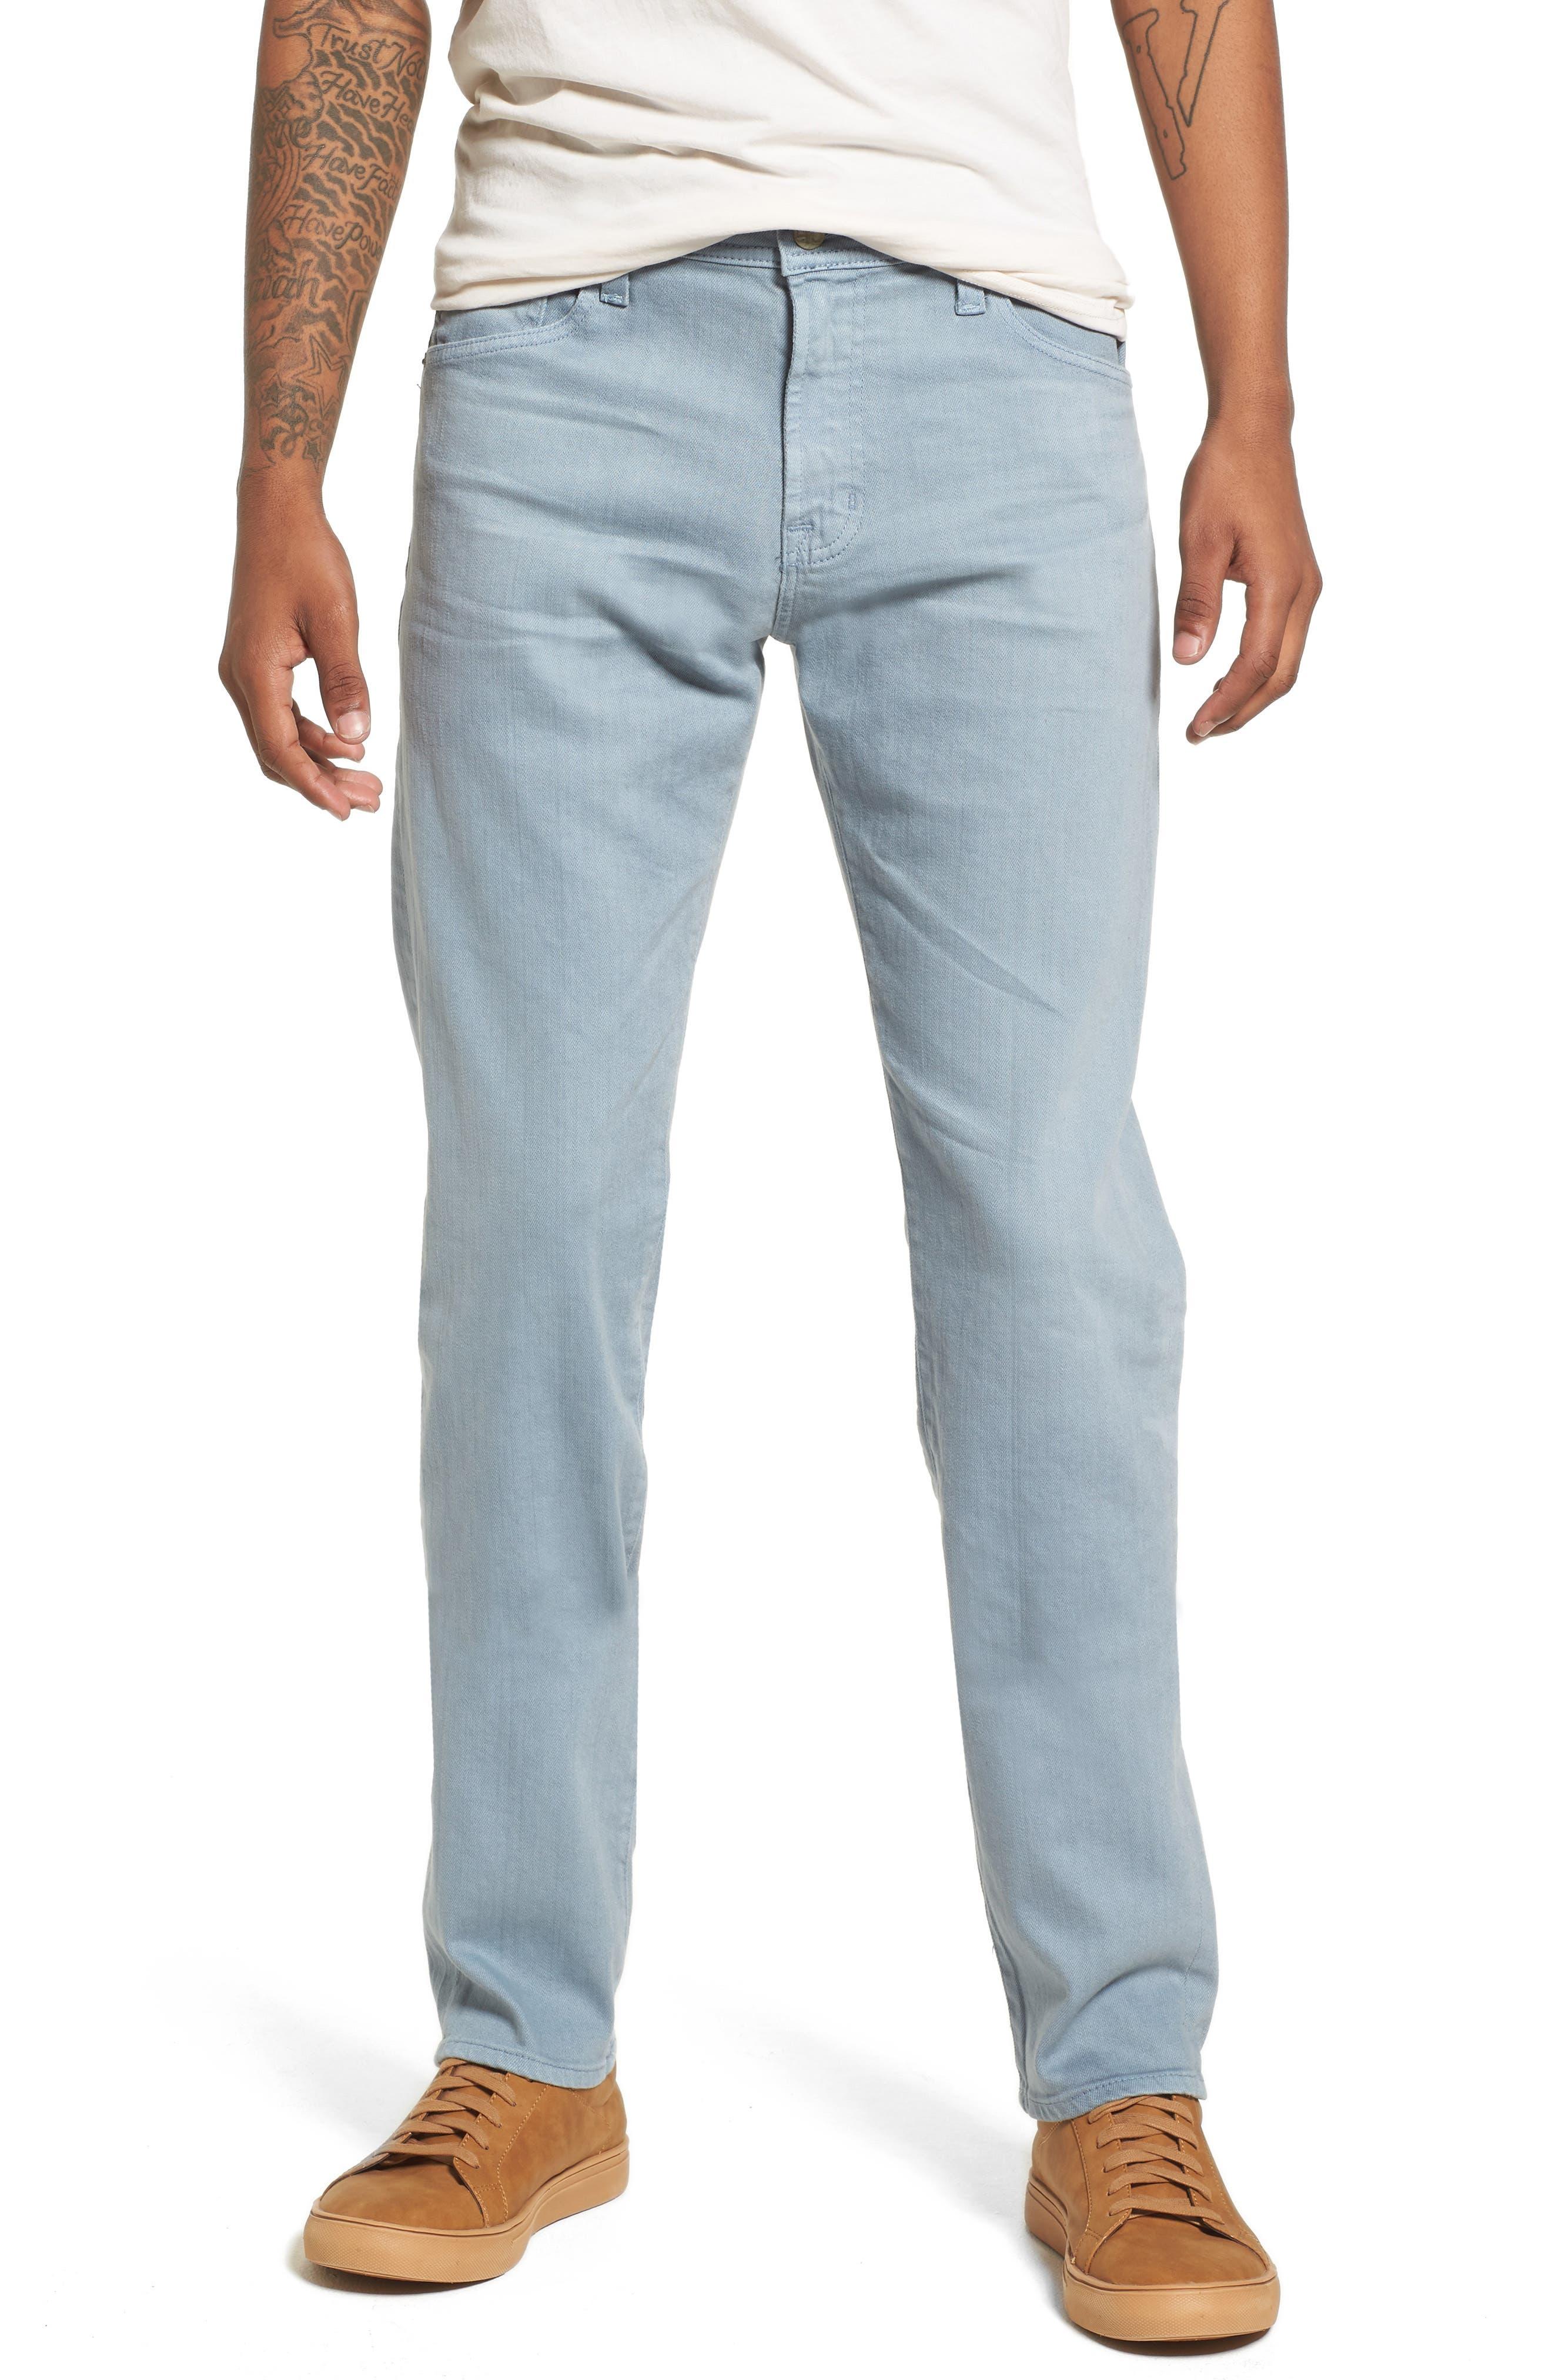 Tellis Slim Fit Jeans,                         Main,                         color, 480